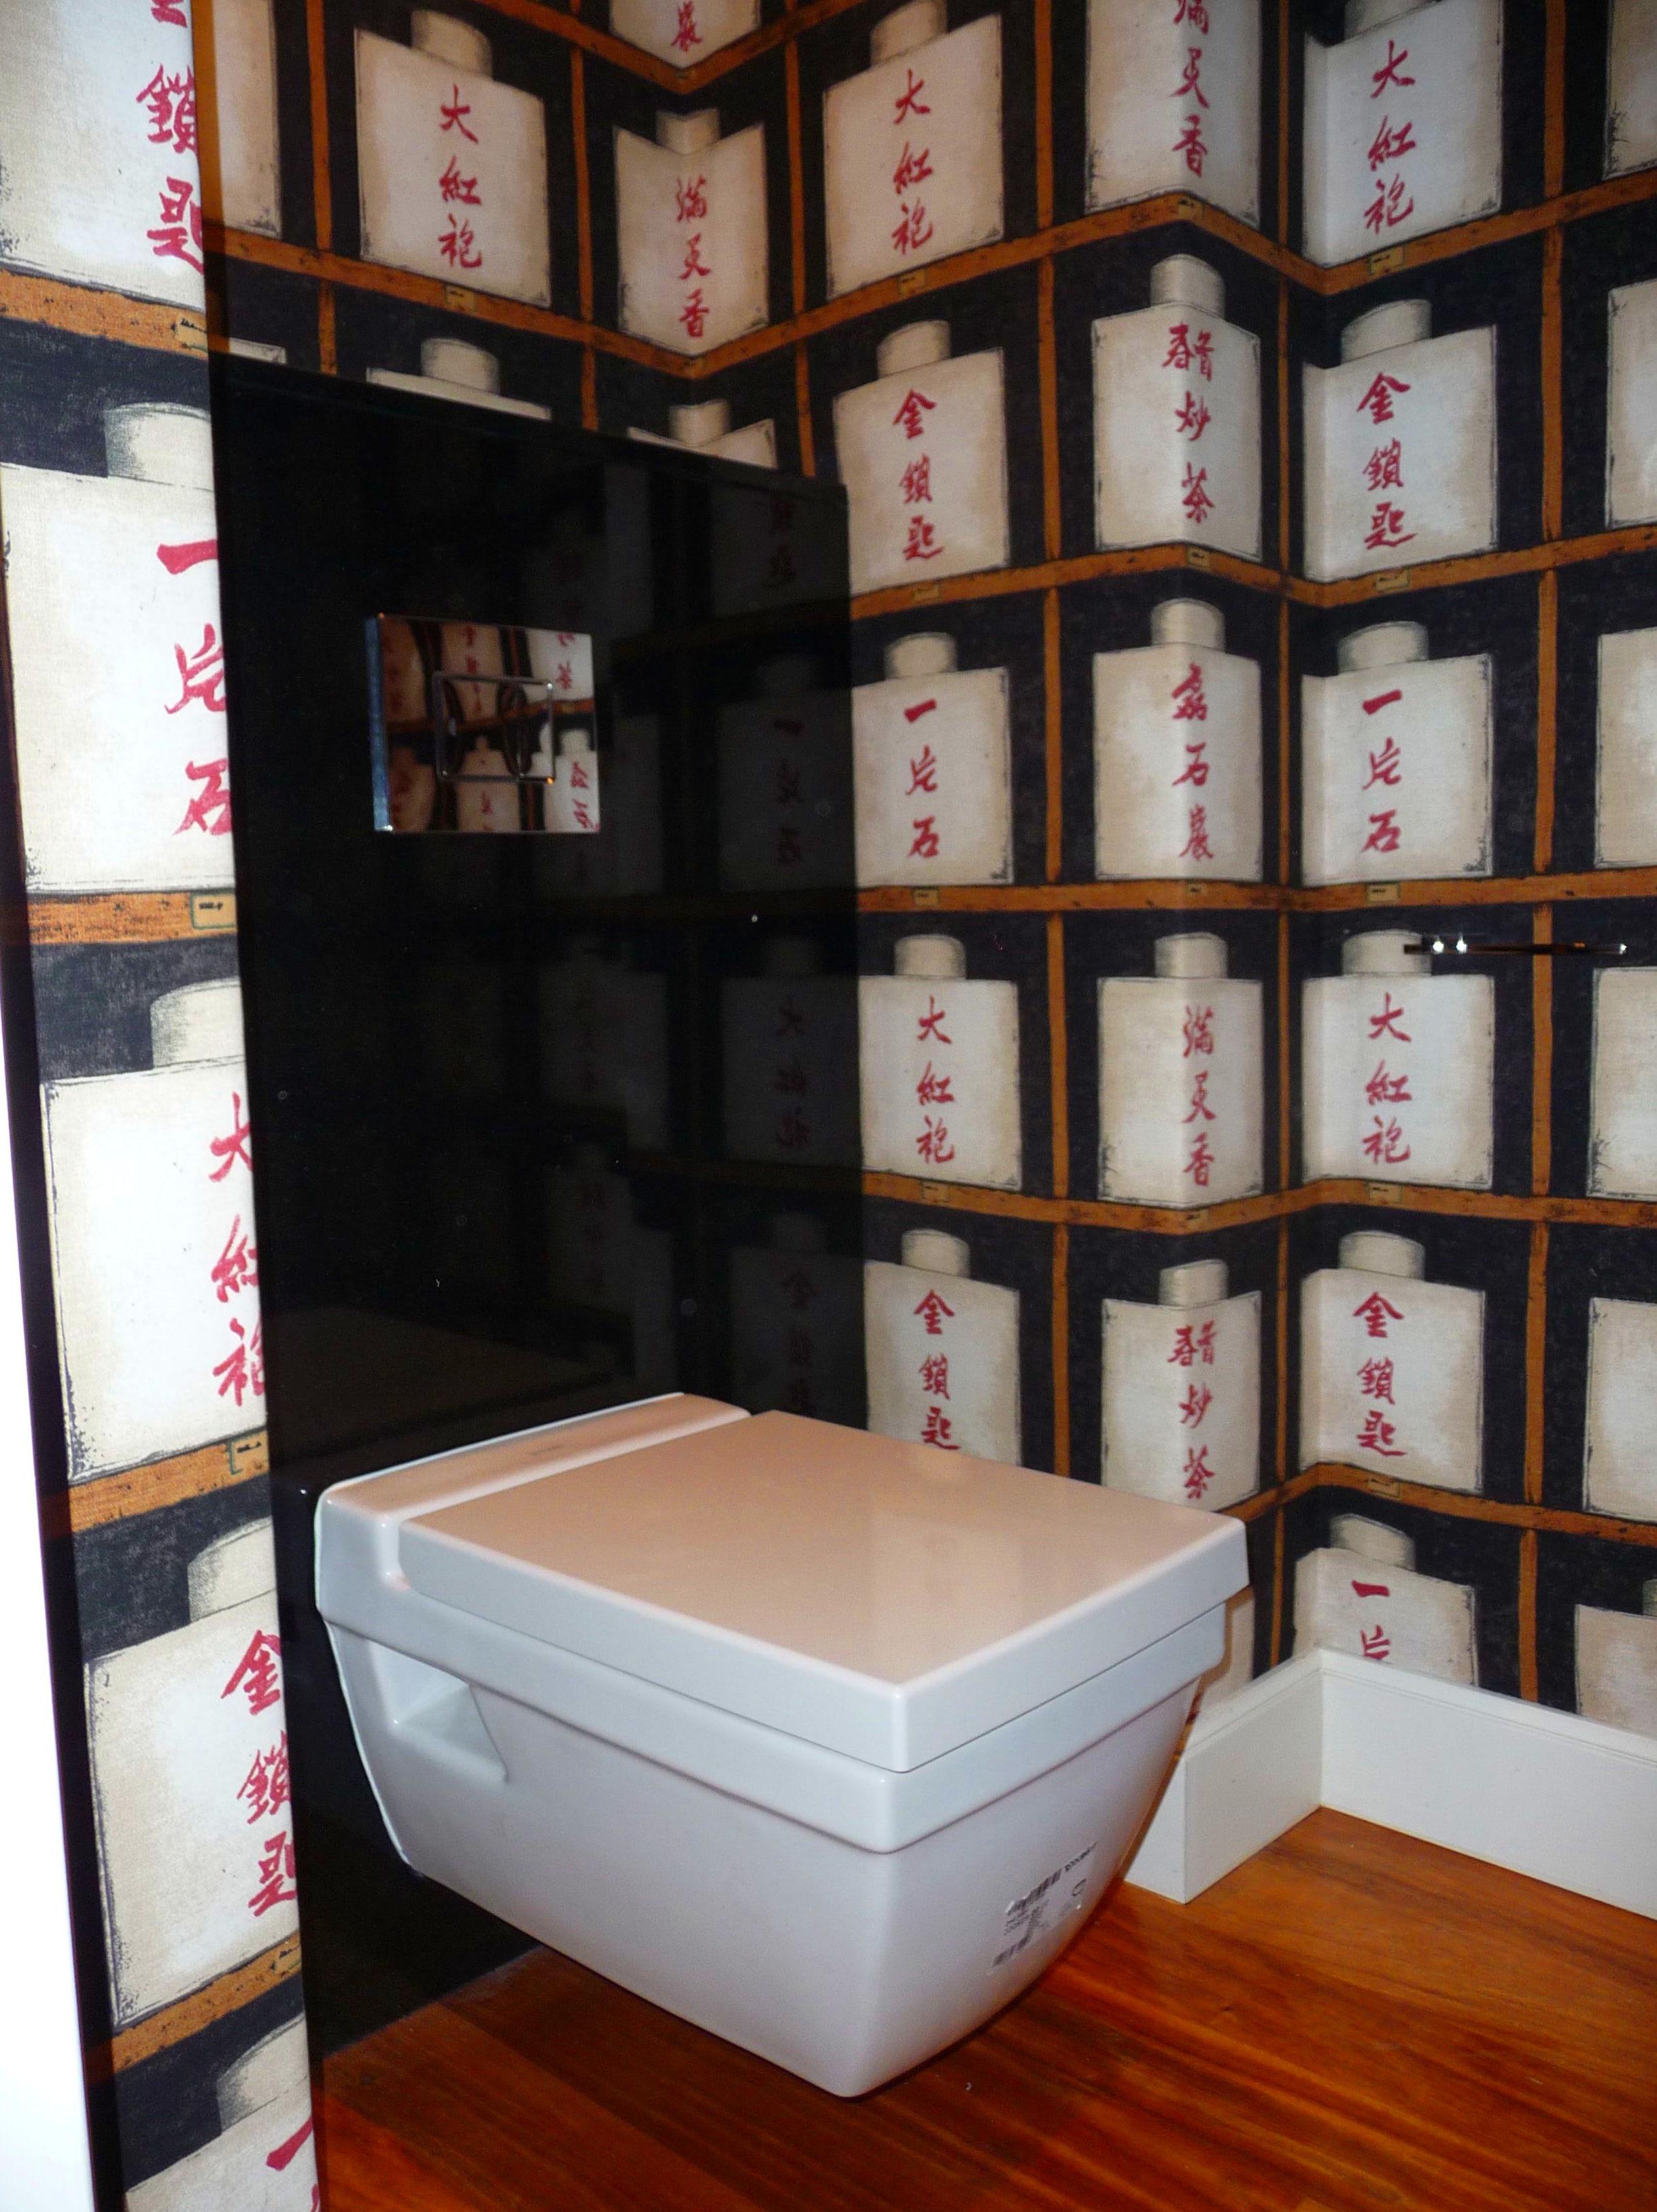 Reforma de cuarto de baño. Inodoro suspendido y paredes en papel pintado.